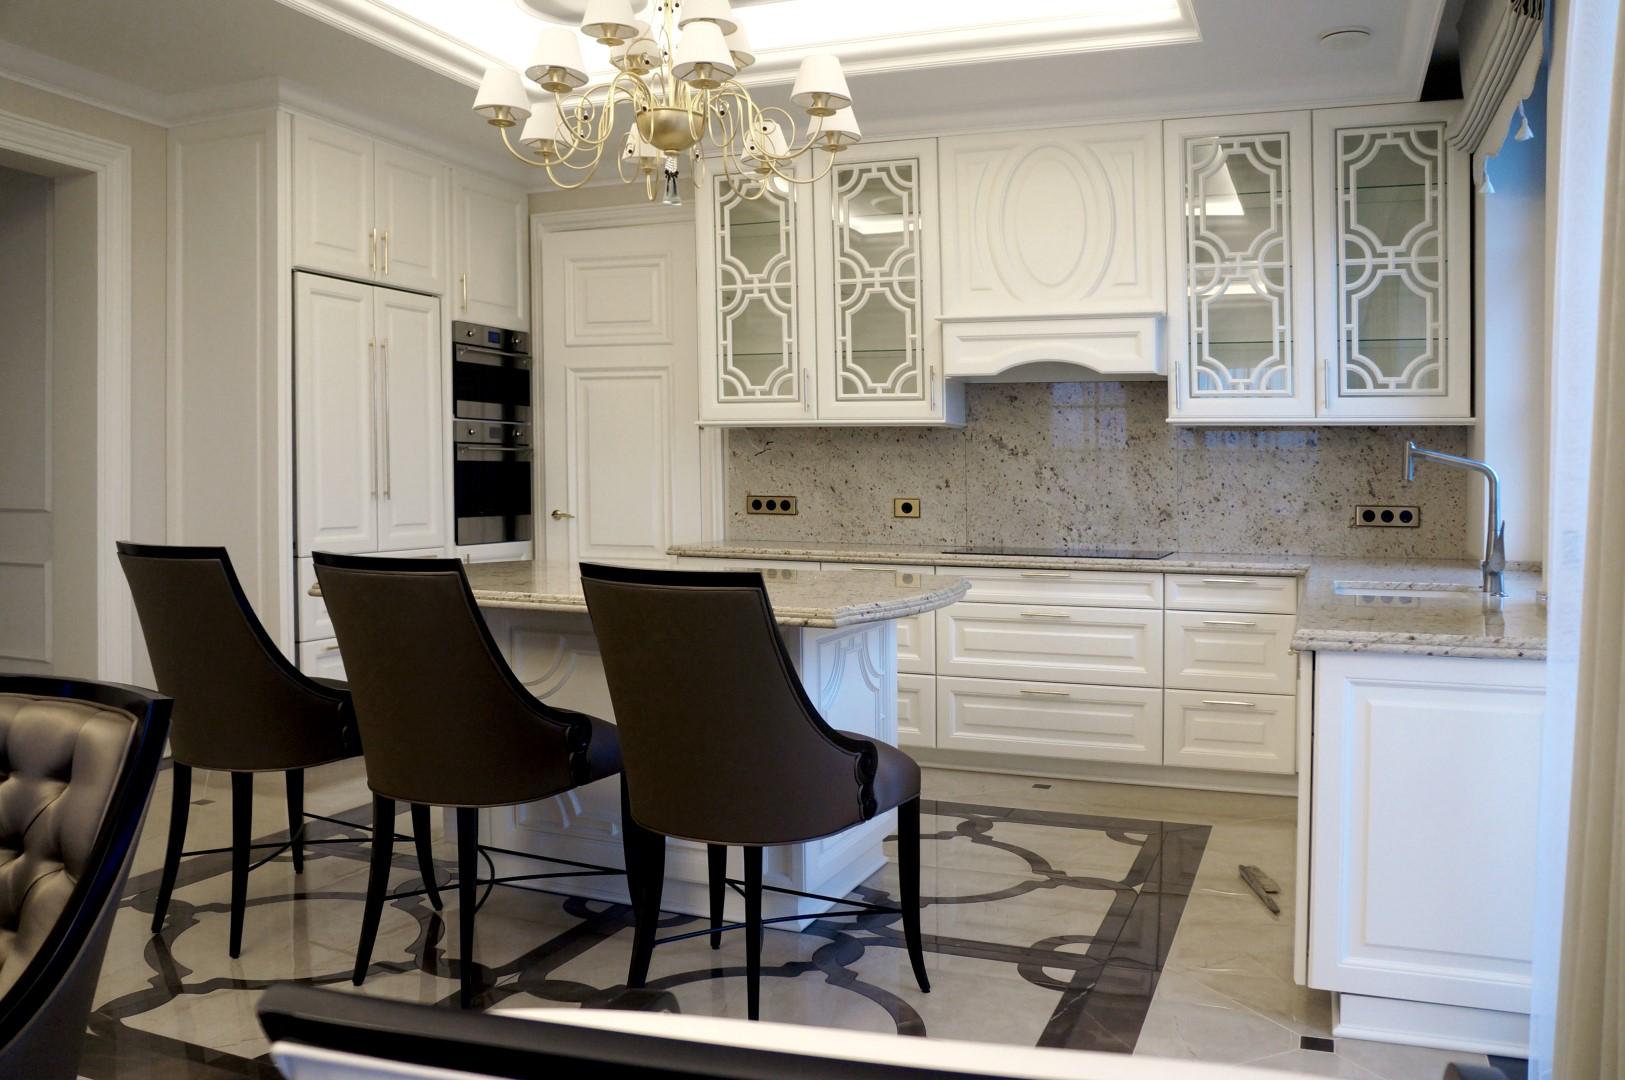 Medžio masyvo virtuvės baldai gaminami Panevėžyje